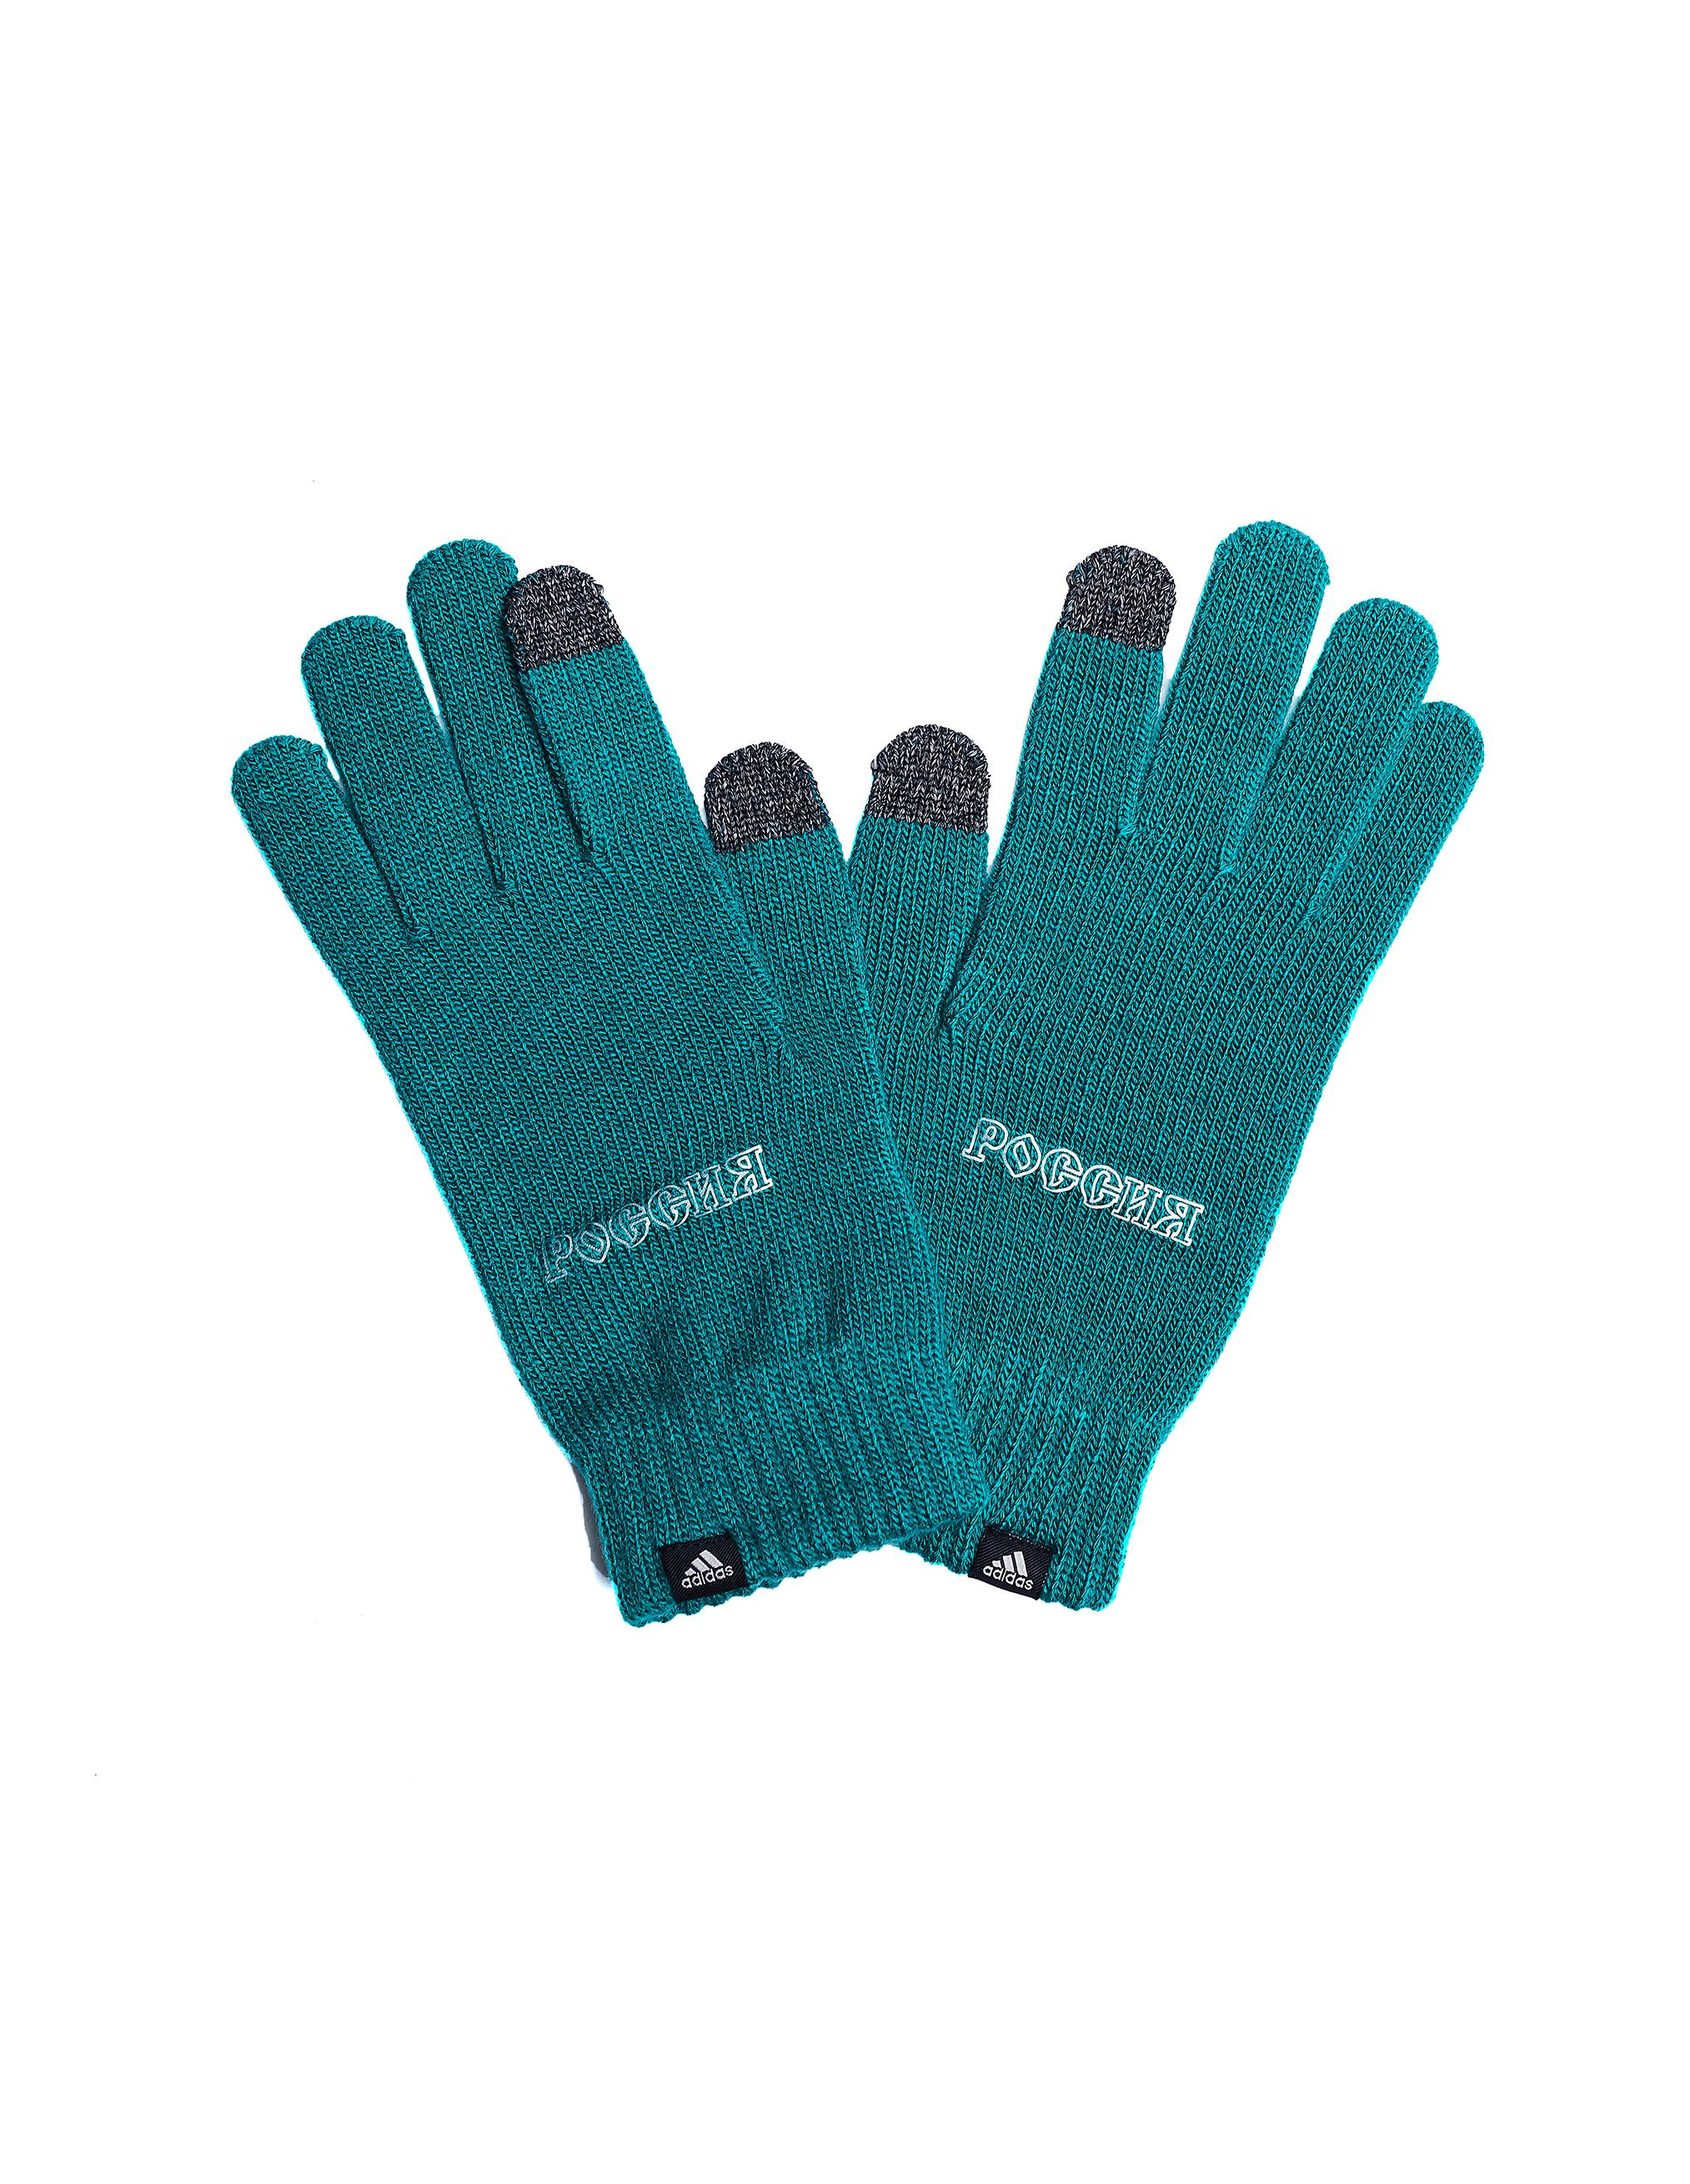 Gosha Rubchinskiy Green Adidas Gloves